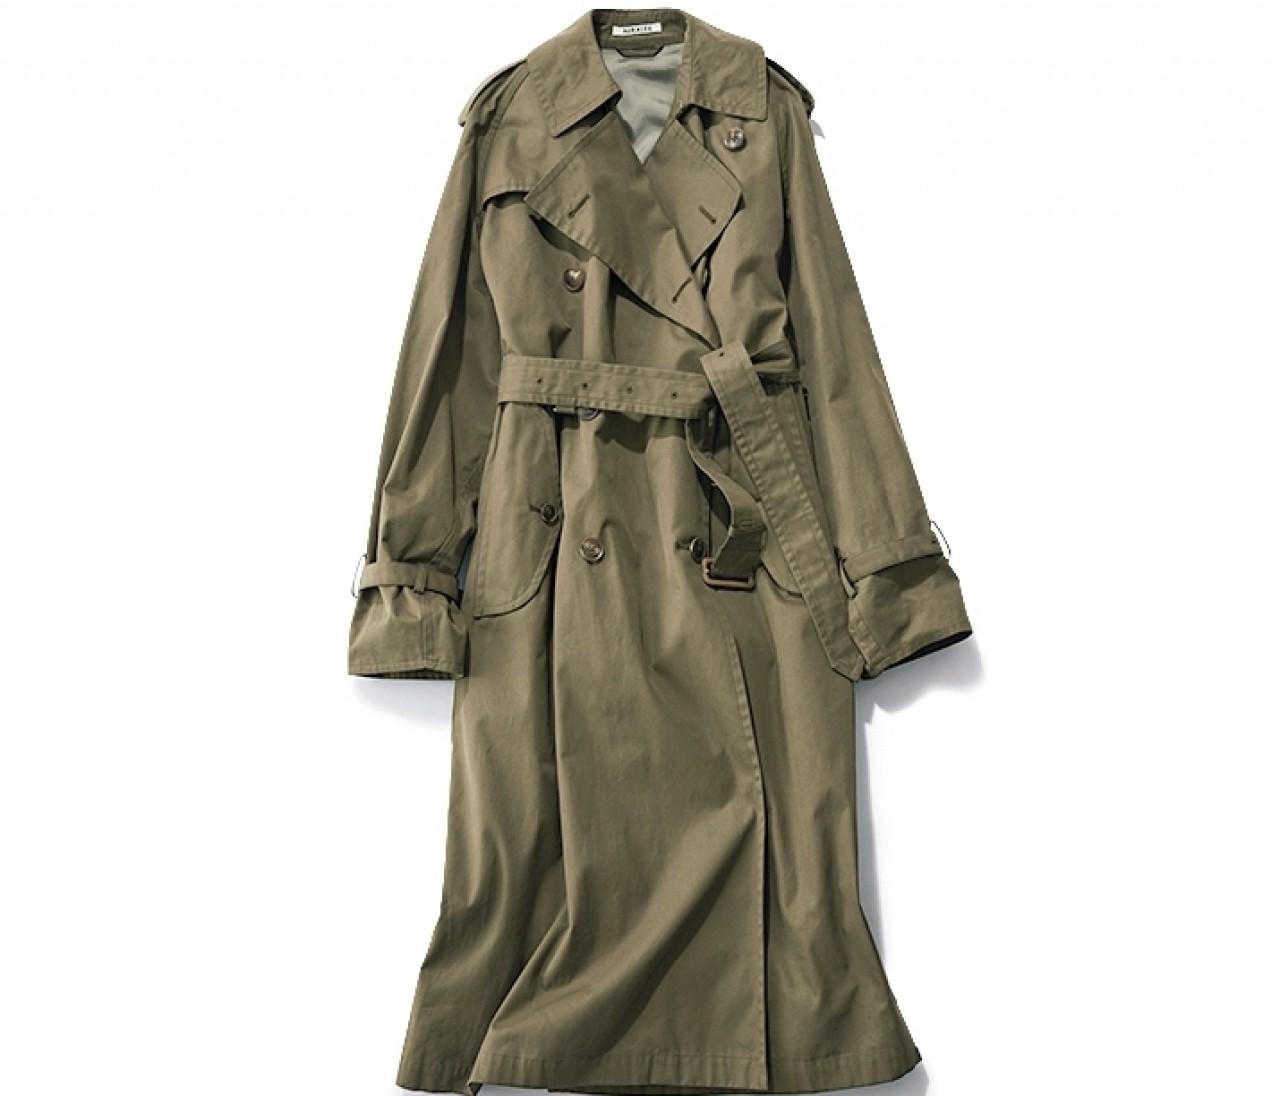 【カーキトレンチコート着回し】きれいめ辛口コートで毎日新鮮スタイルを♡